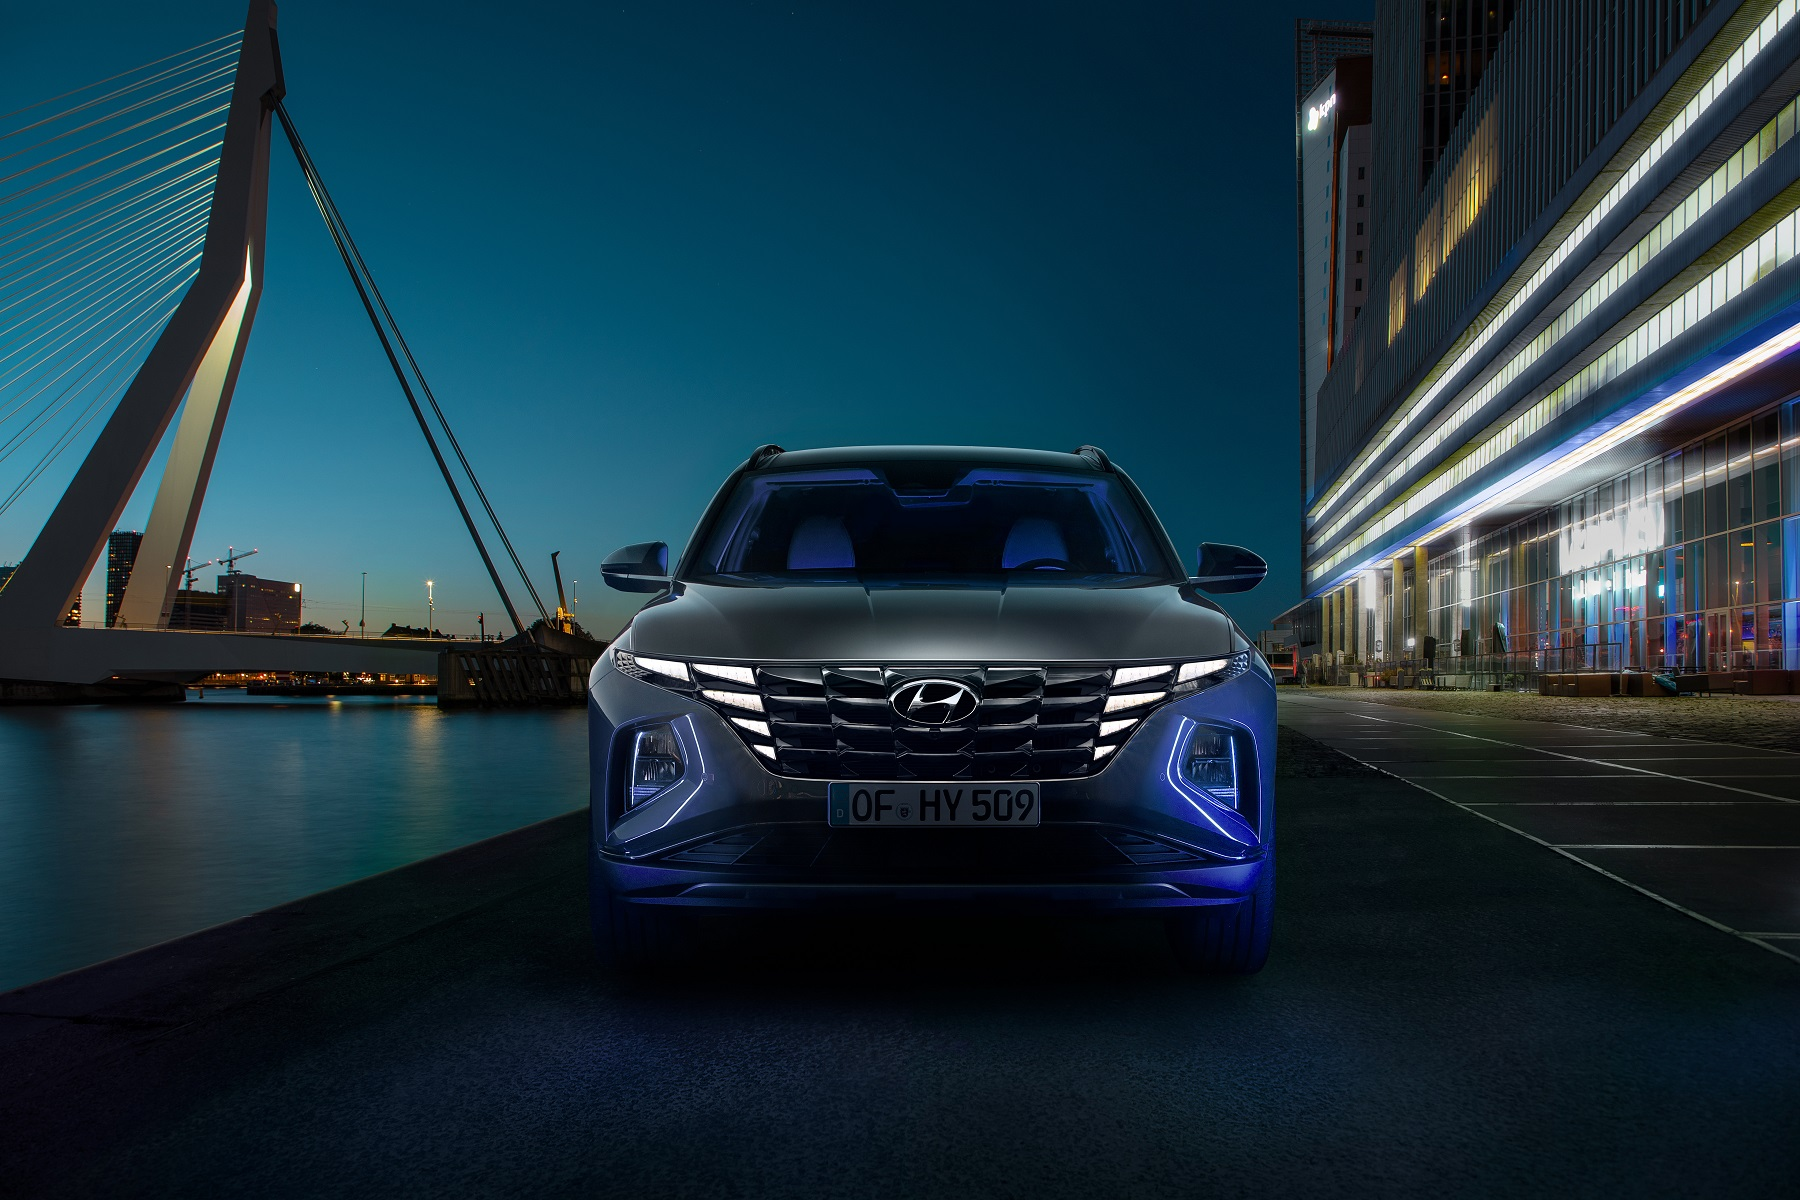 Nový Hyundai Tucson dostal slovenskú cenovku